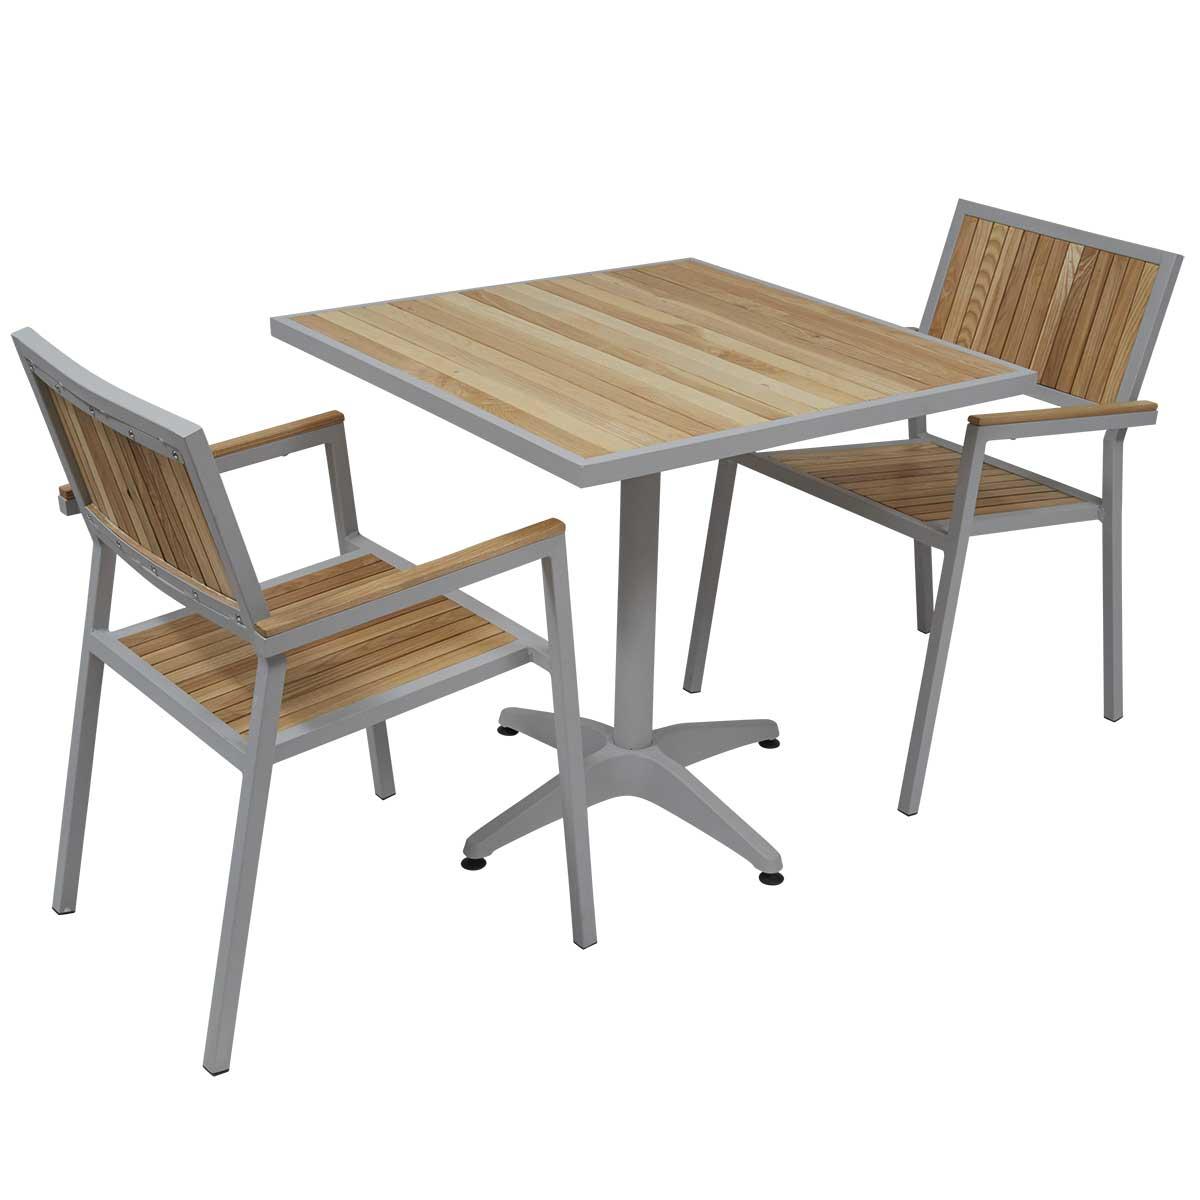 Table De Jardin Avec Chaise Pas Cher Conception - Idees ... tout Table De Jardin Avec Chaise Pas Cher